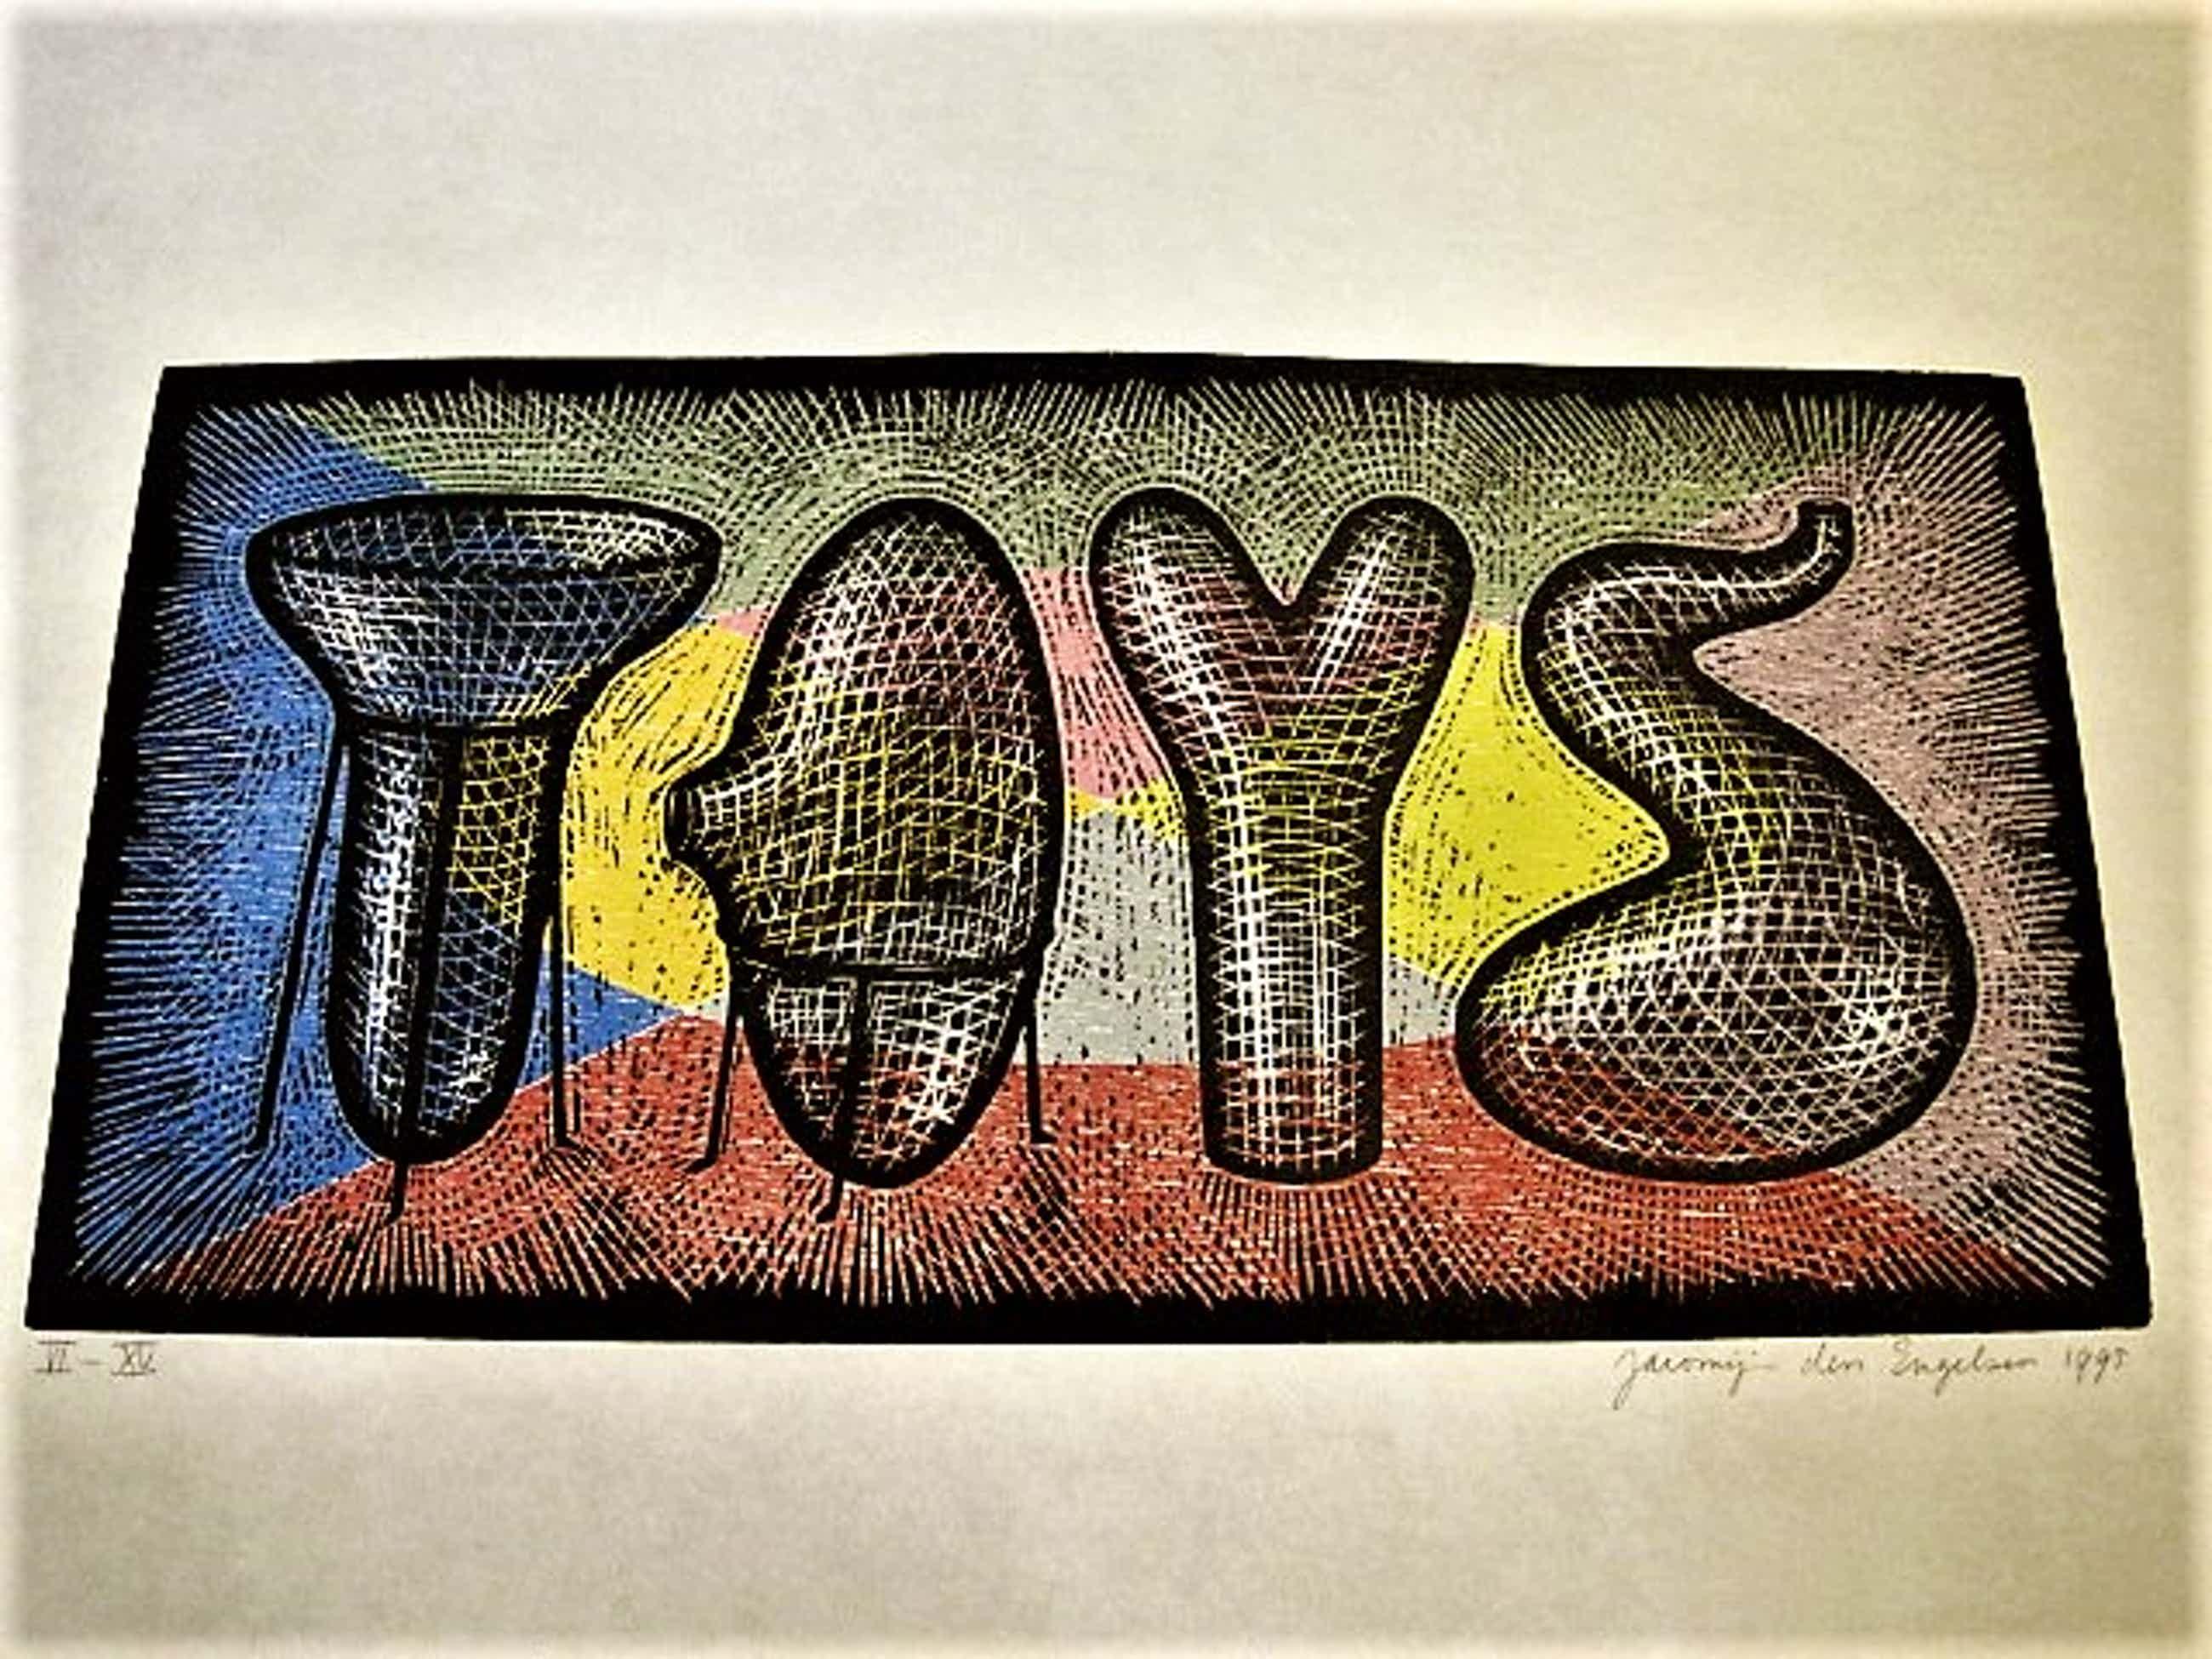 """Jacomijn den Engelsen - Kleine Oplage (15 ex) originele PoP-Art Houtsnede """"Toys"""" kopen? Bied vanaf 30!"""